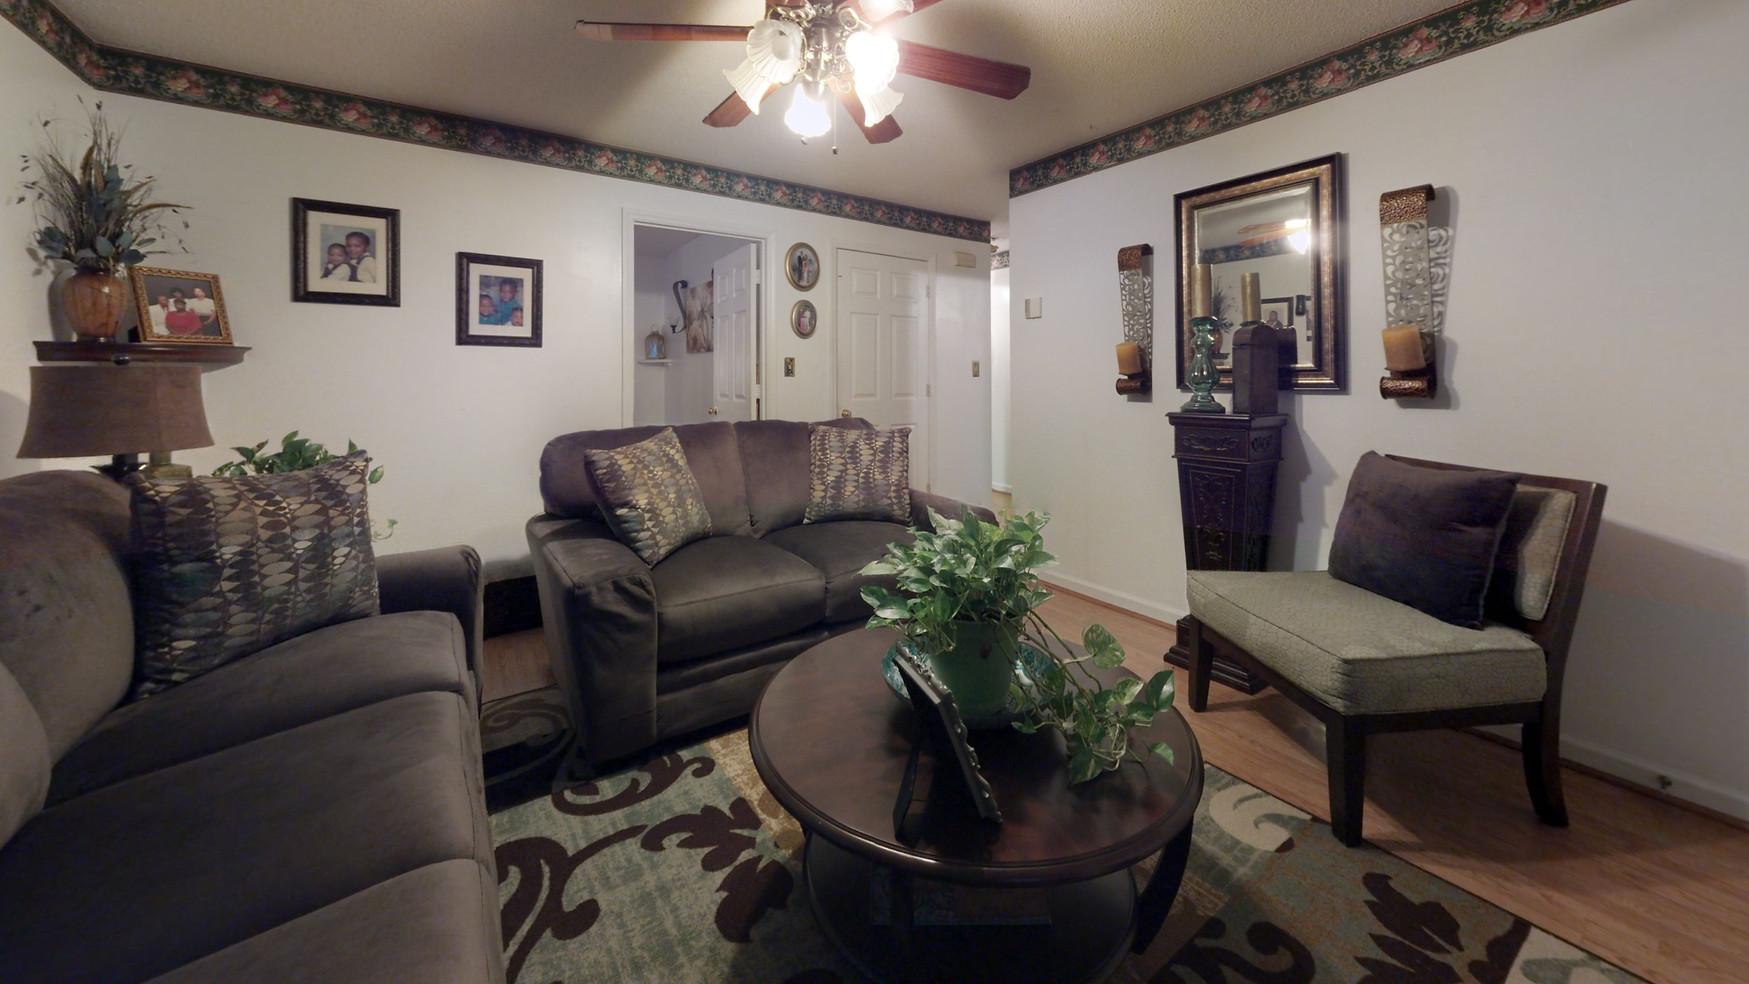 Gant-St-Living-Room.jpg